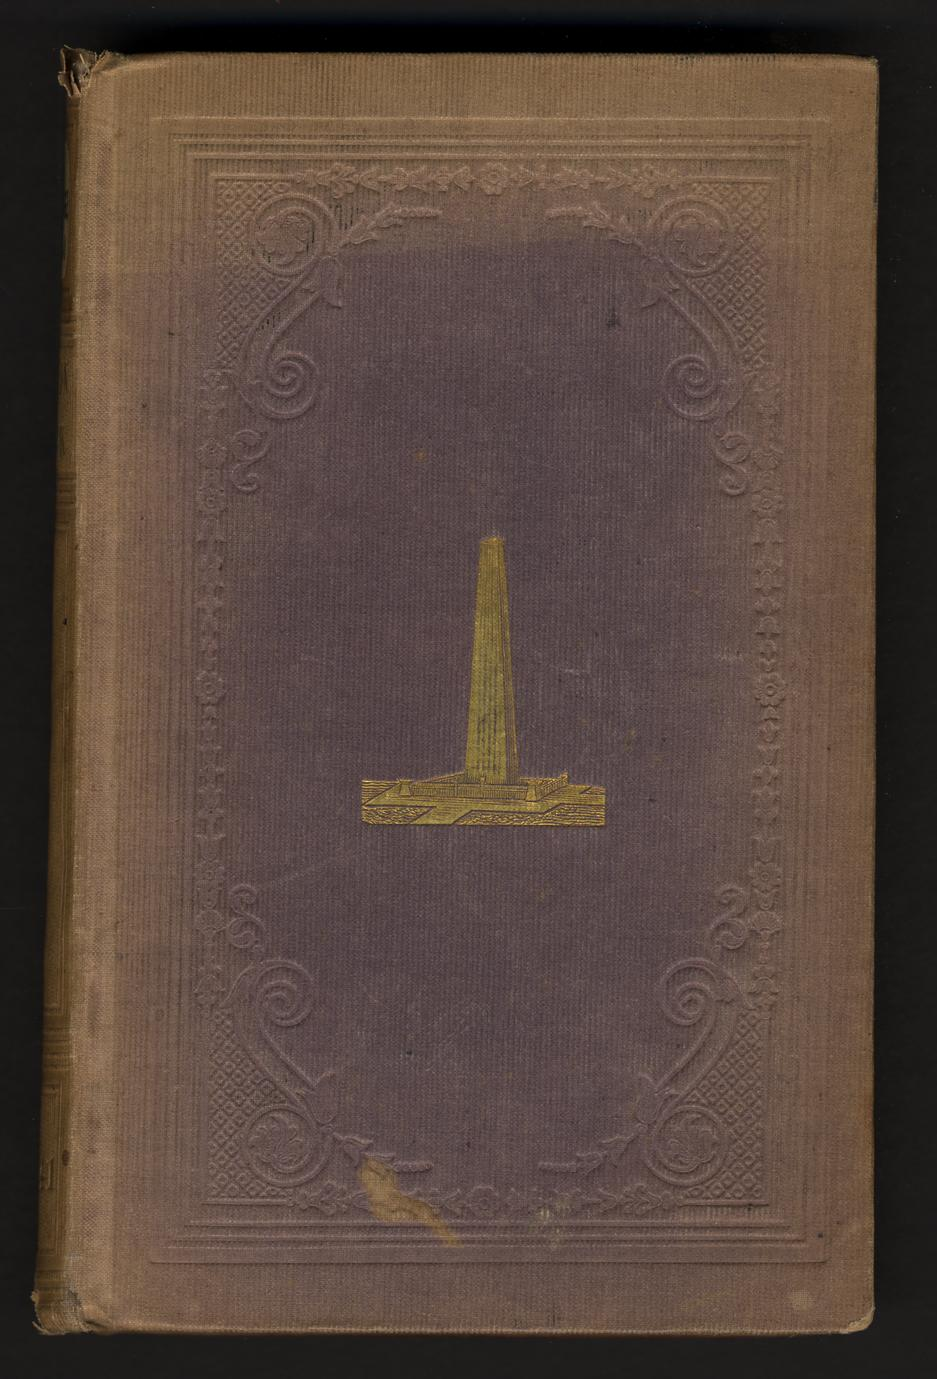 The Boston book (1 of 2)